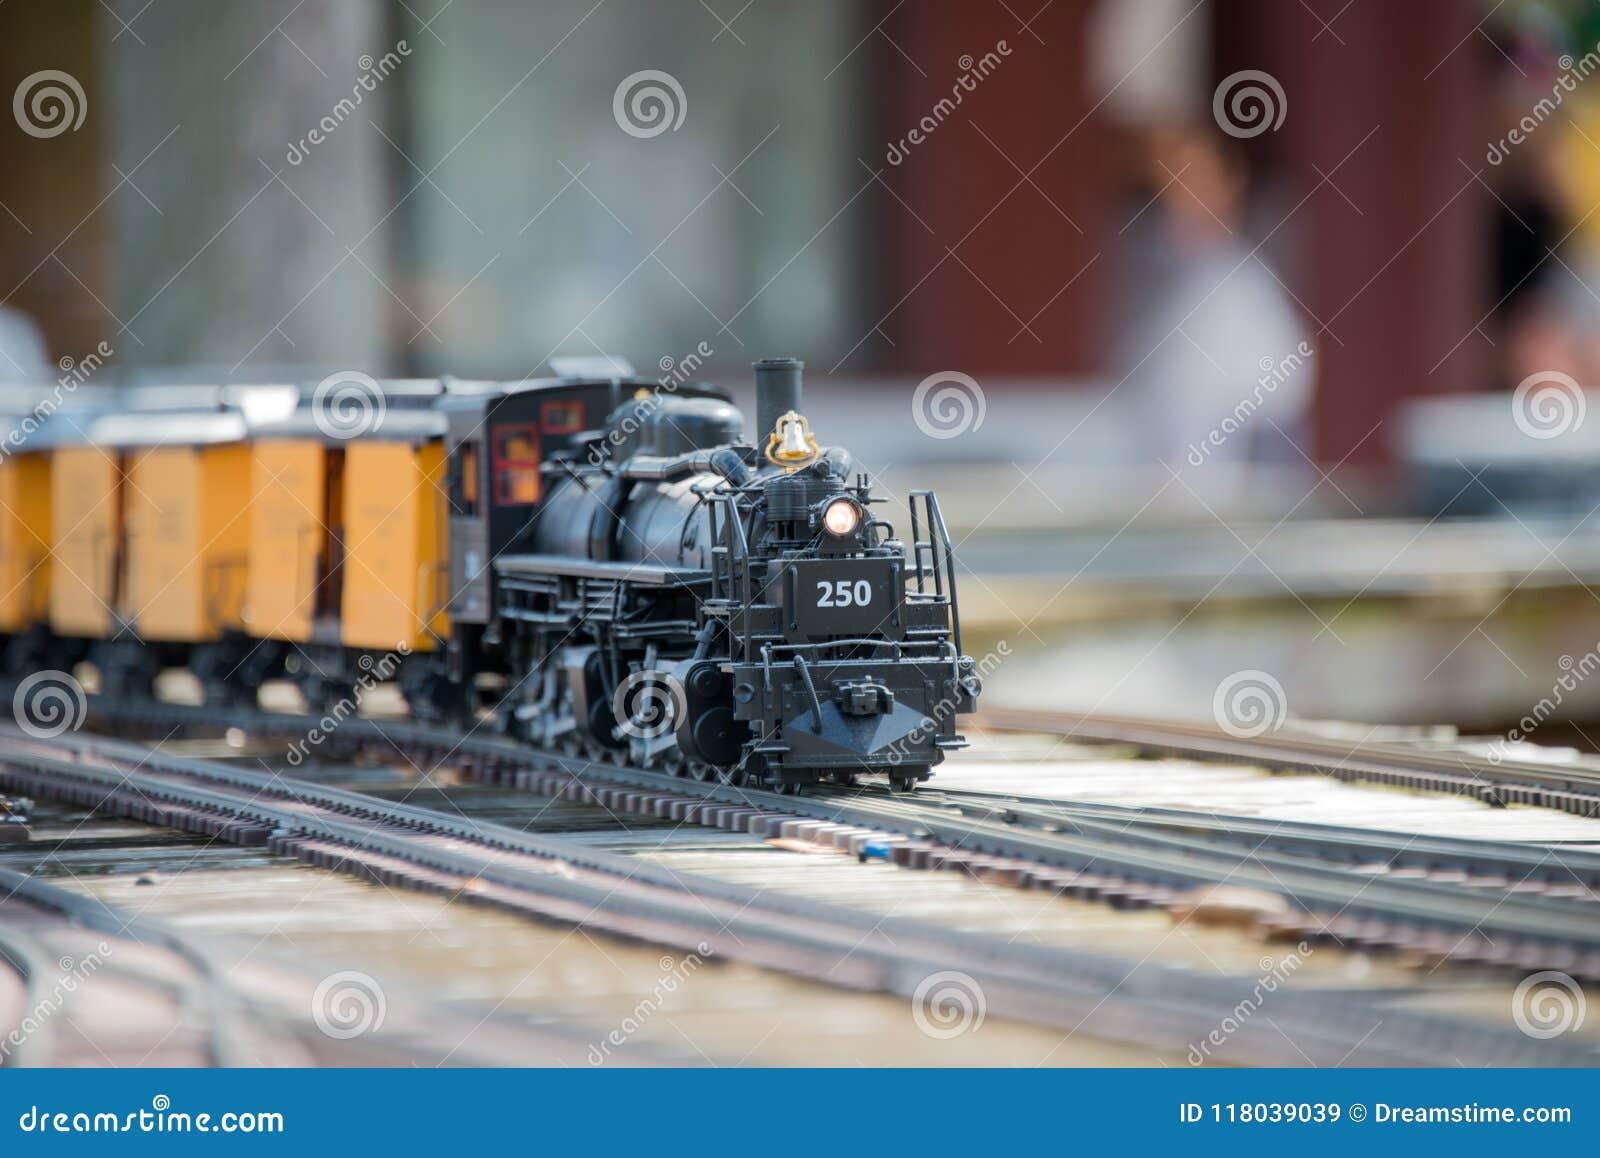 Toy Train på spåret och modellen Railroad Exhibit